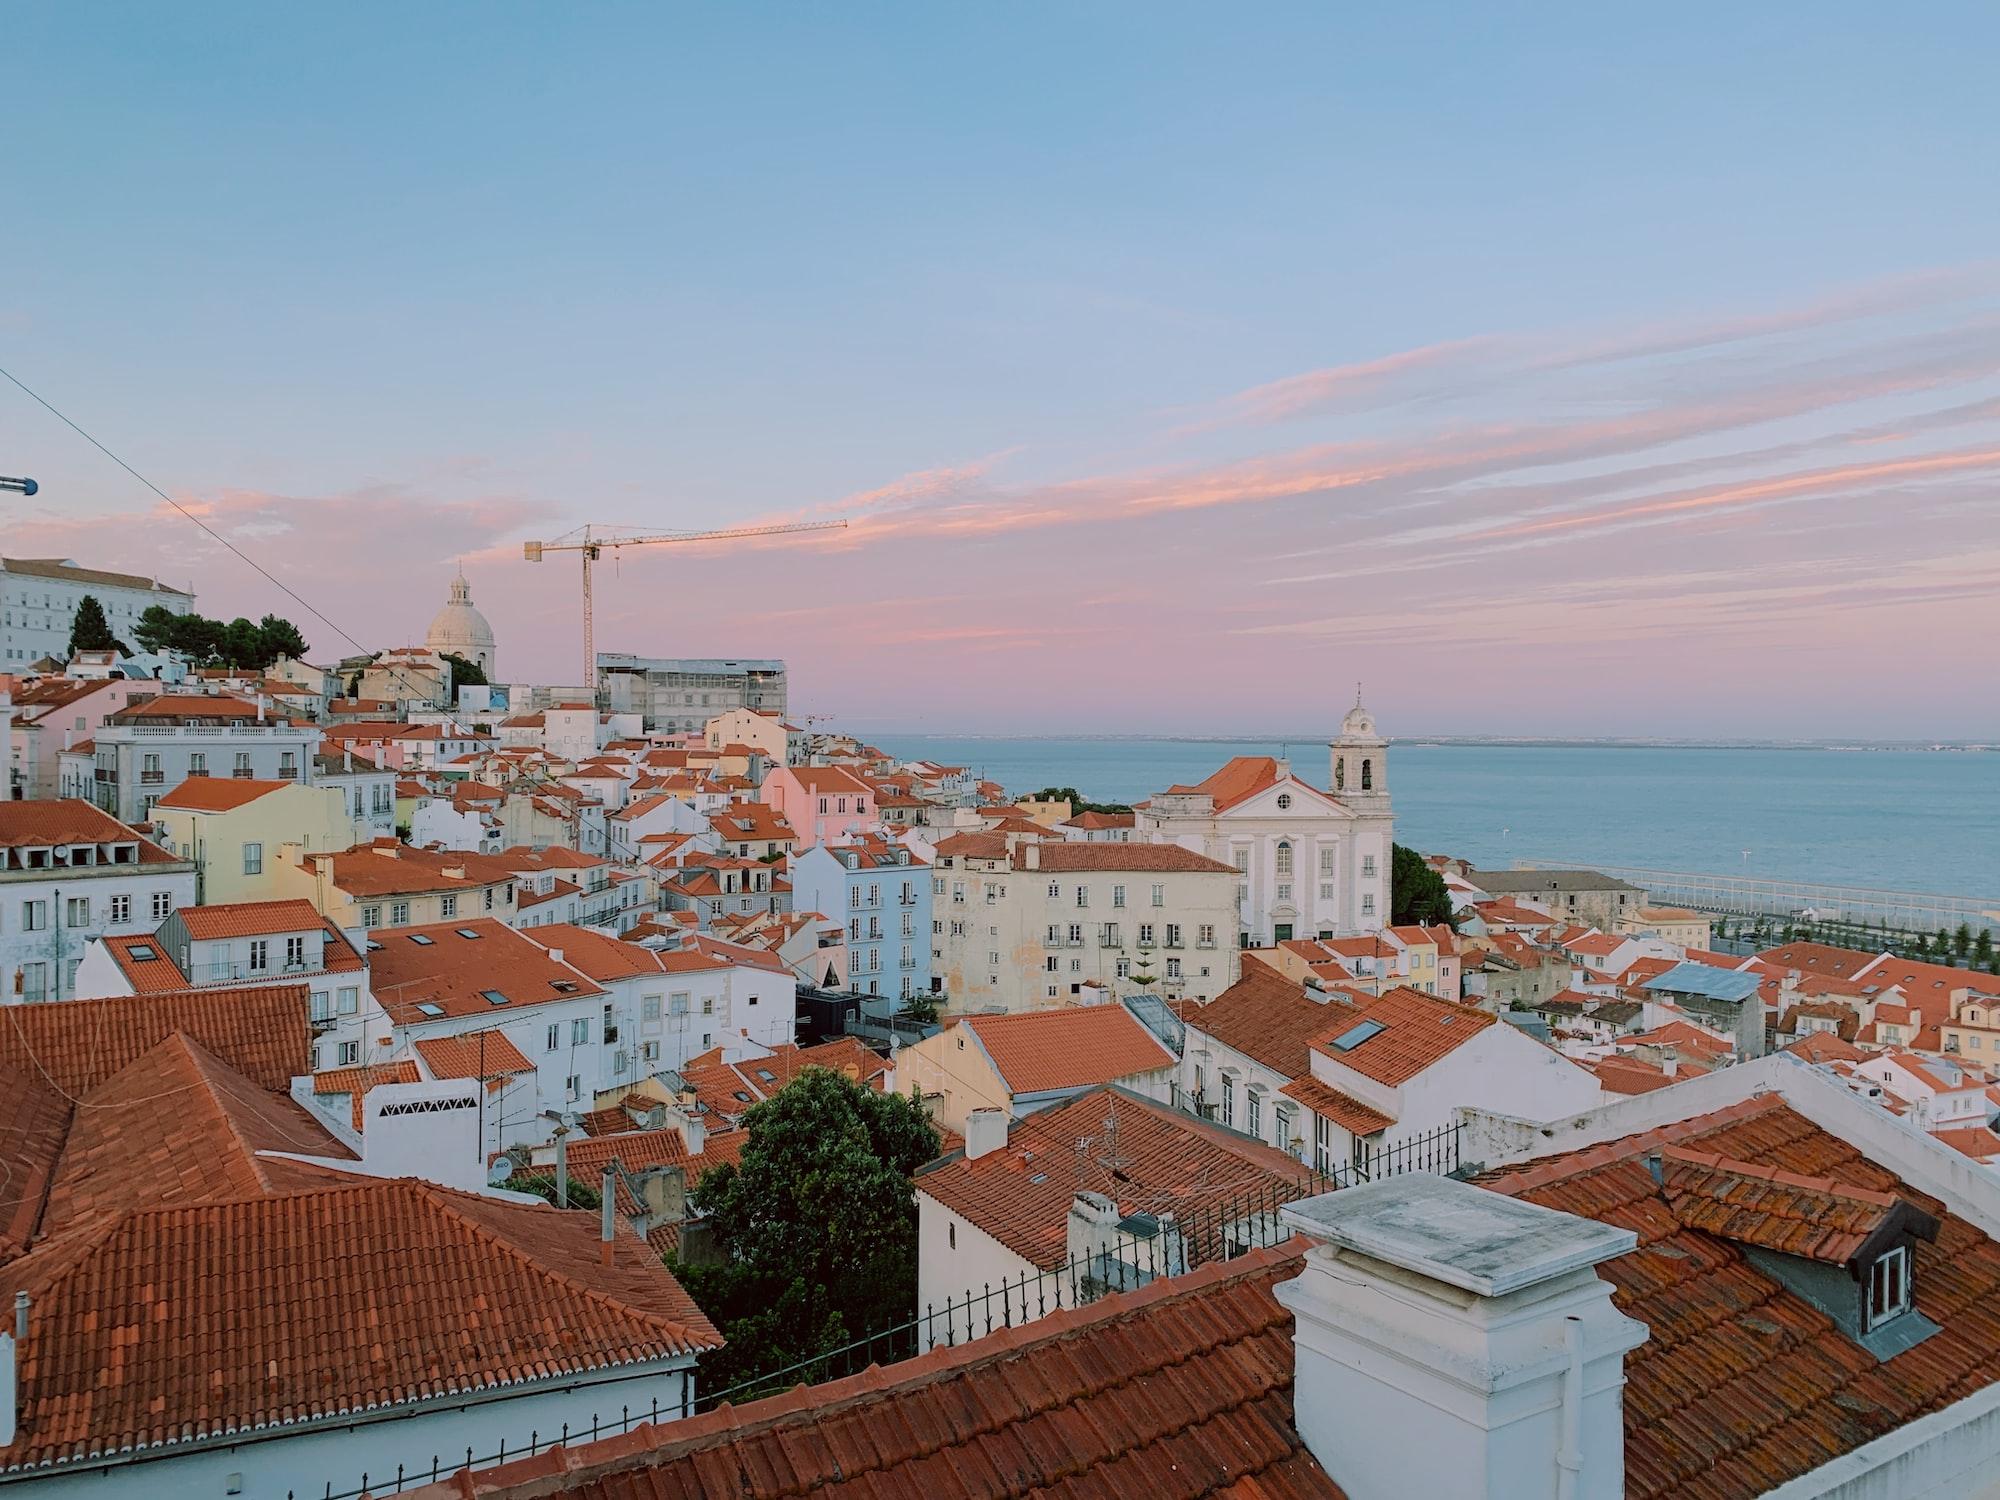 Vue des toits des maisons à Lisbonne au Portugal avec l'océan en arrière plan